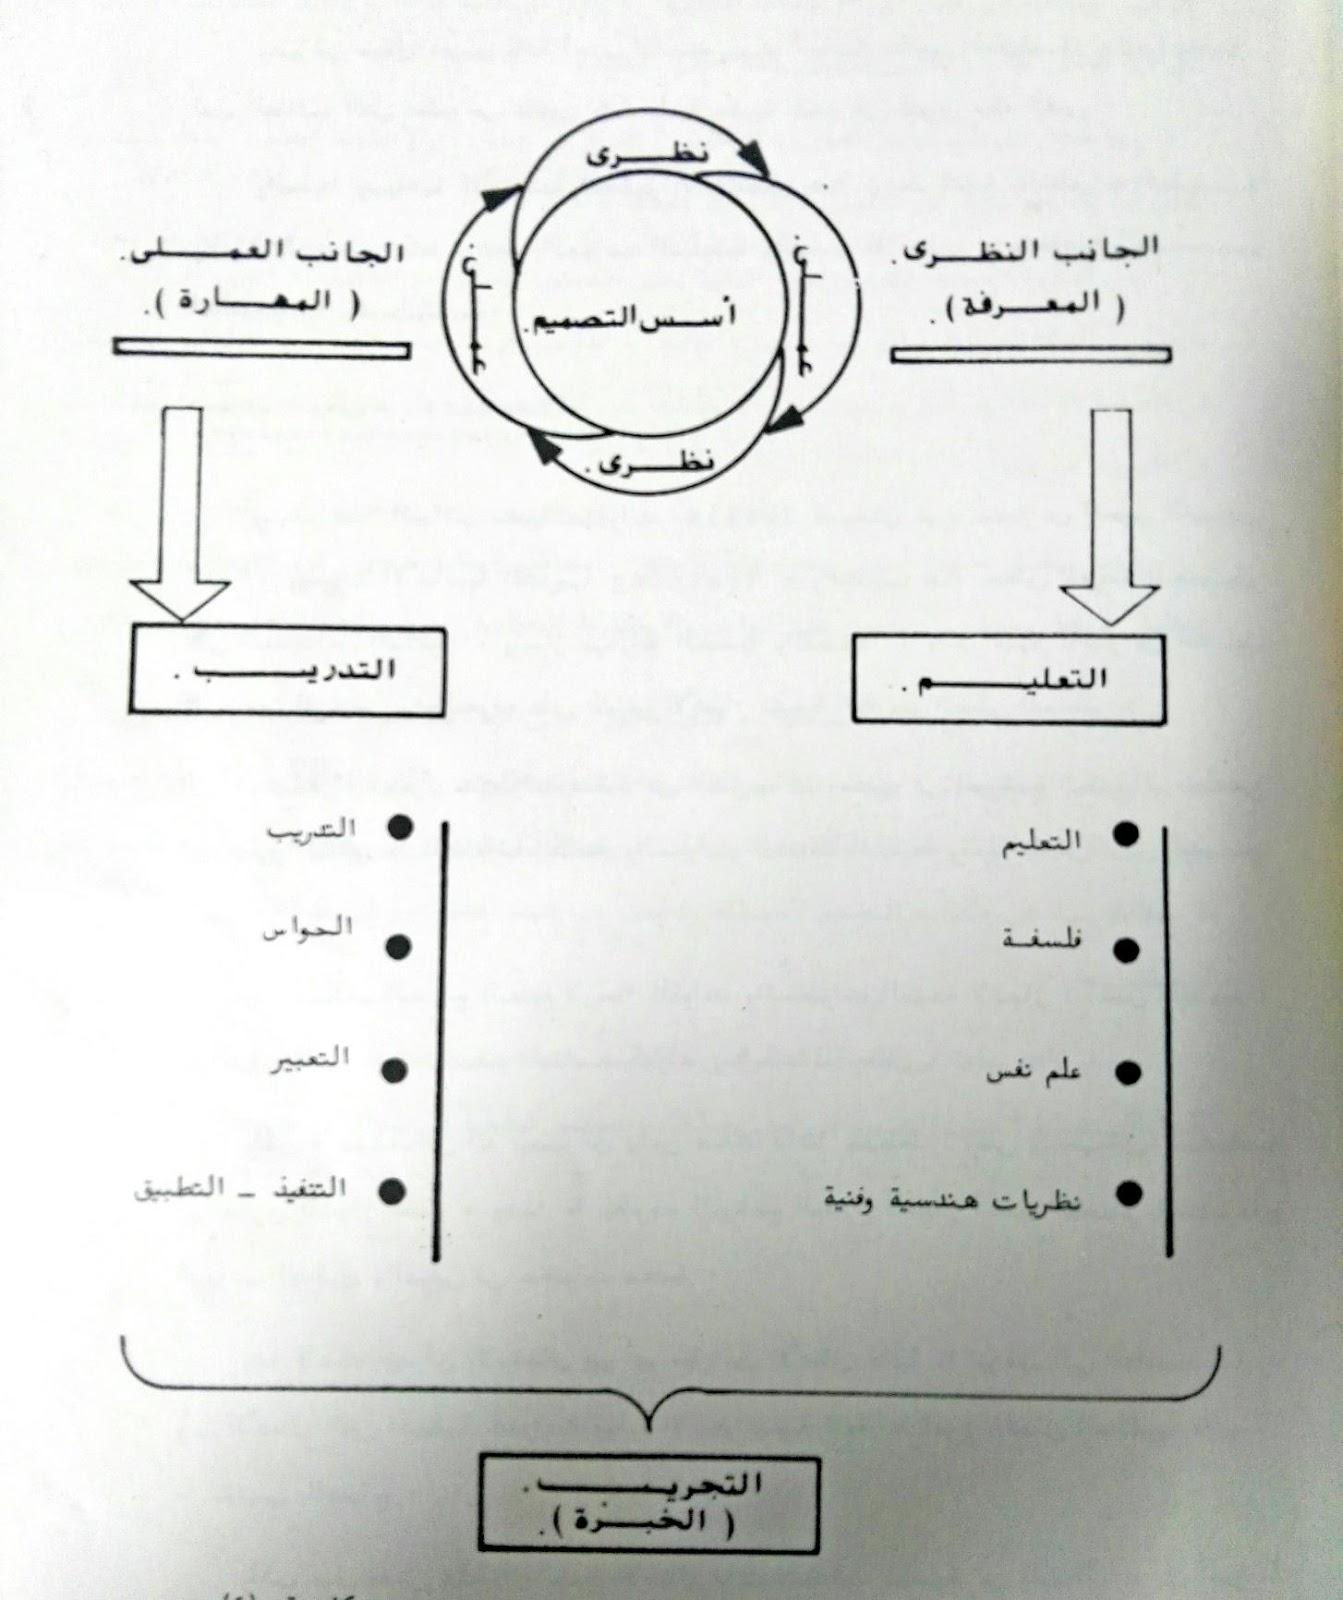 أساس عملية التجريب